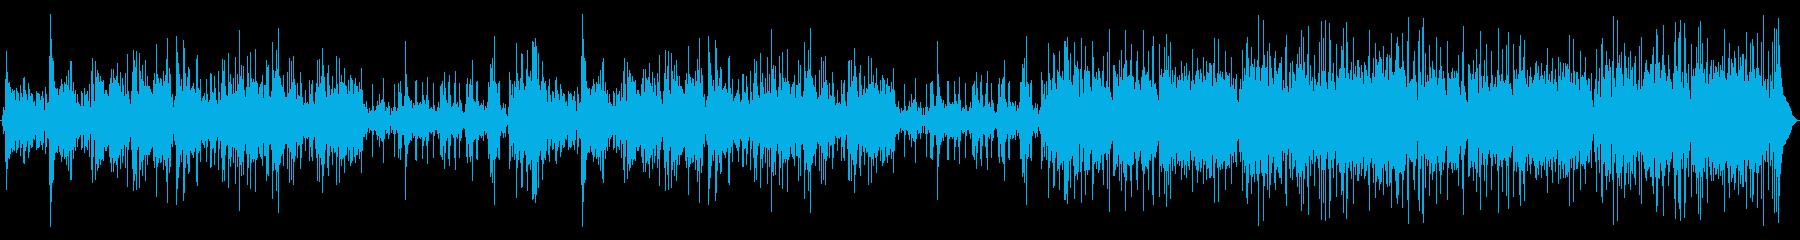 パンフルート、ハンドパーカッション...の再生済みの波形